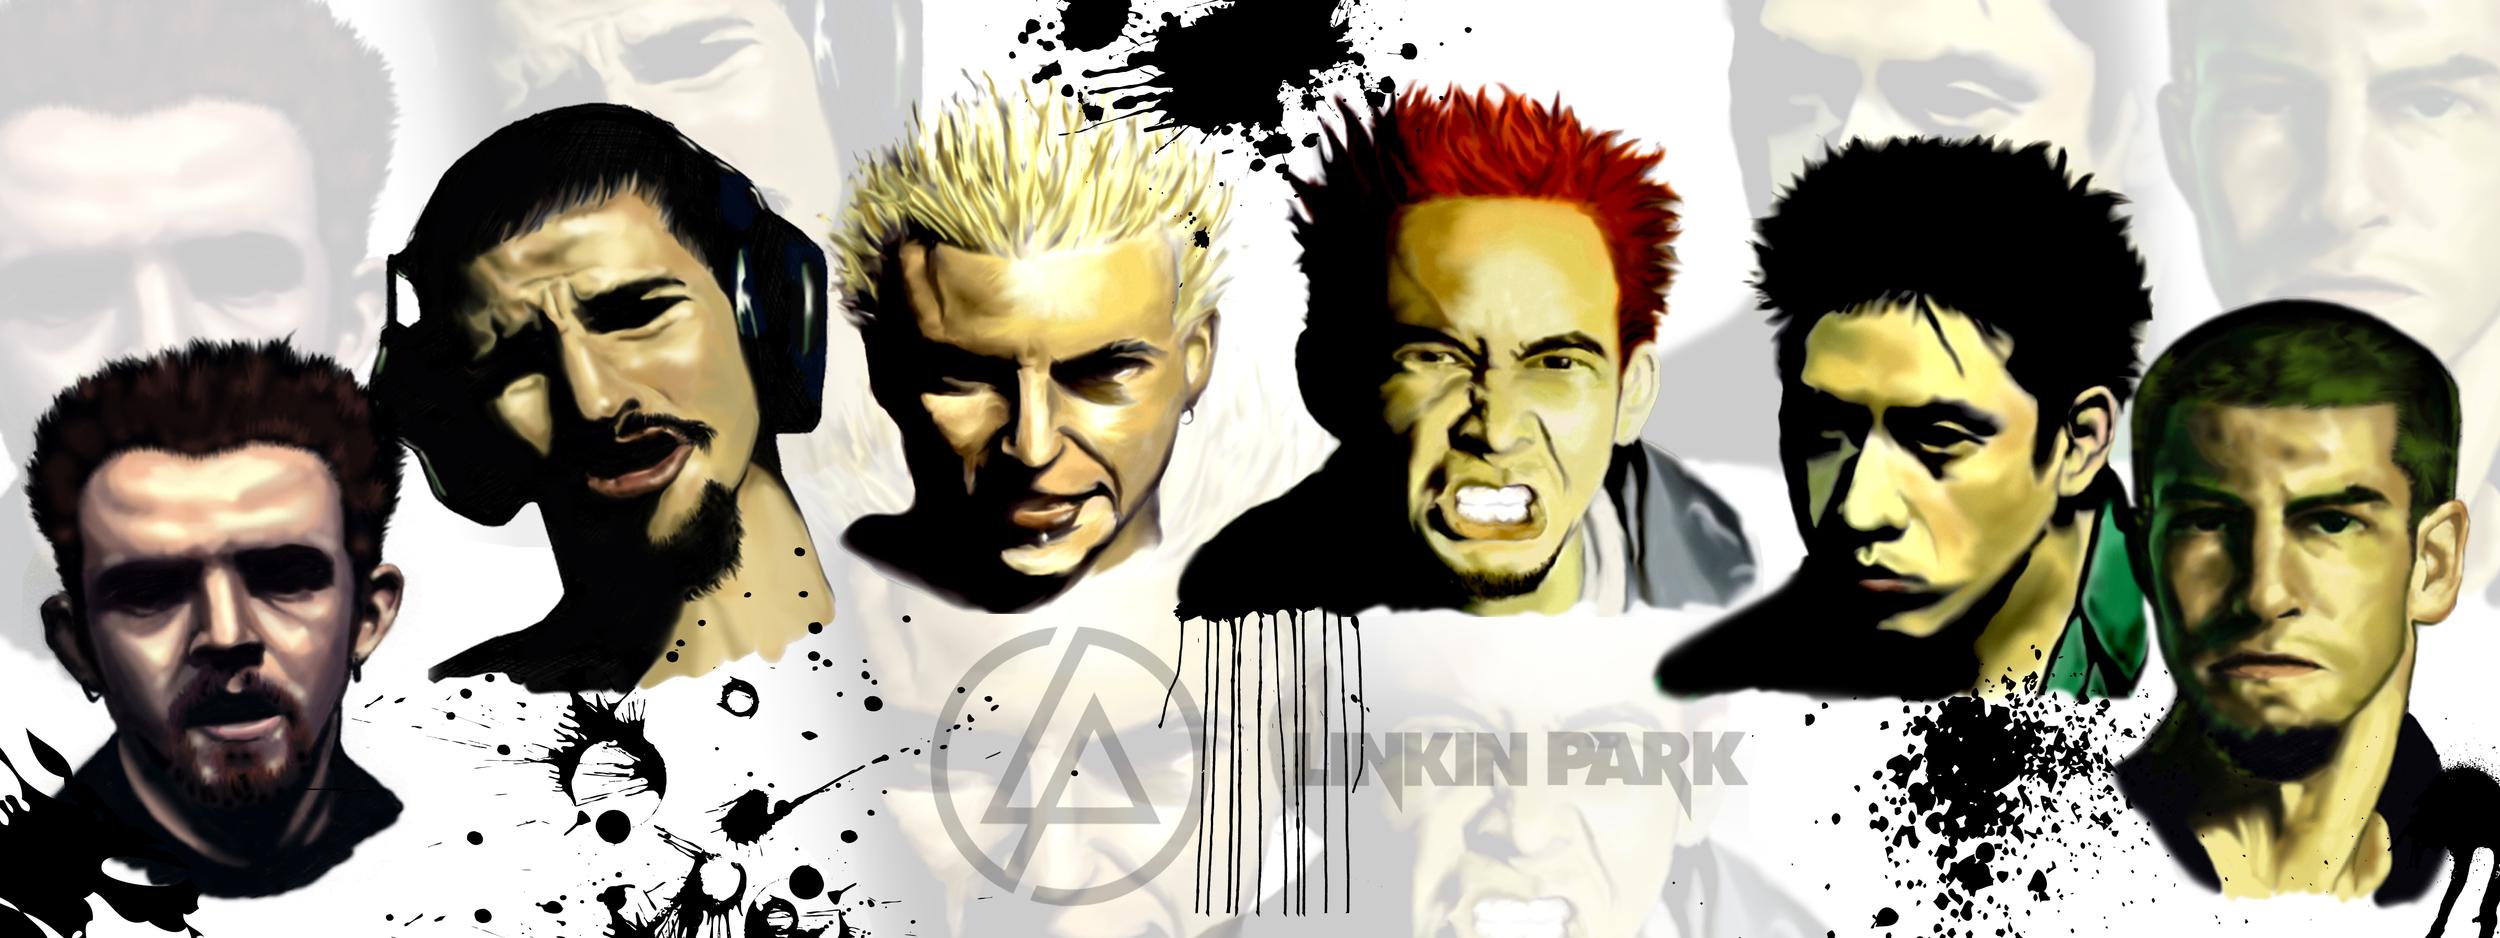 Linkin Park Circa 2001